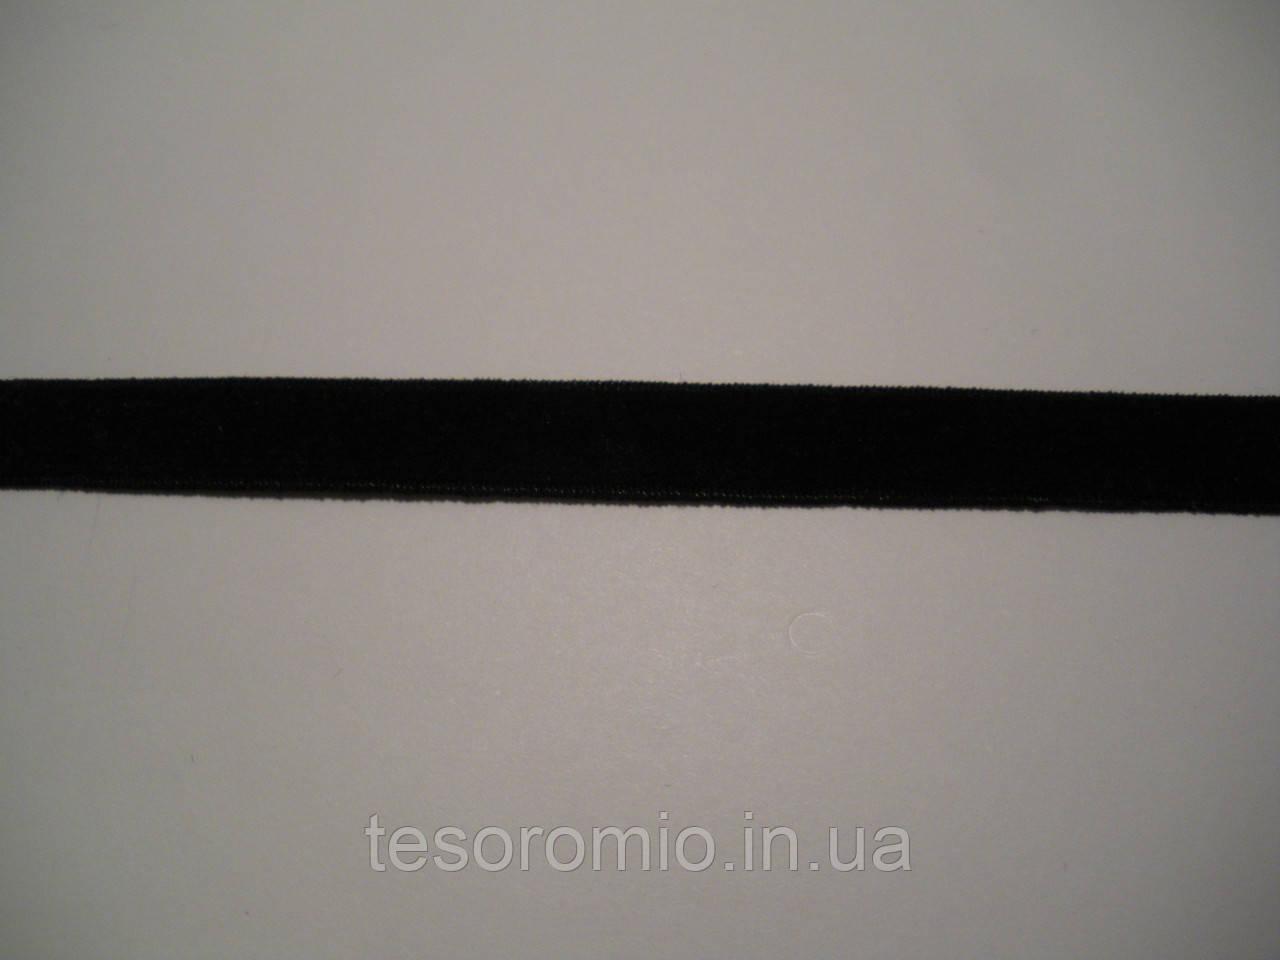 Резинка бархатная черная 0,9 см ширина